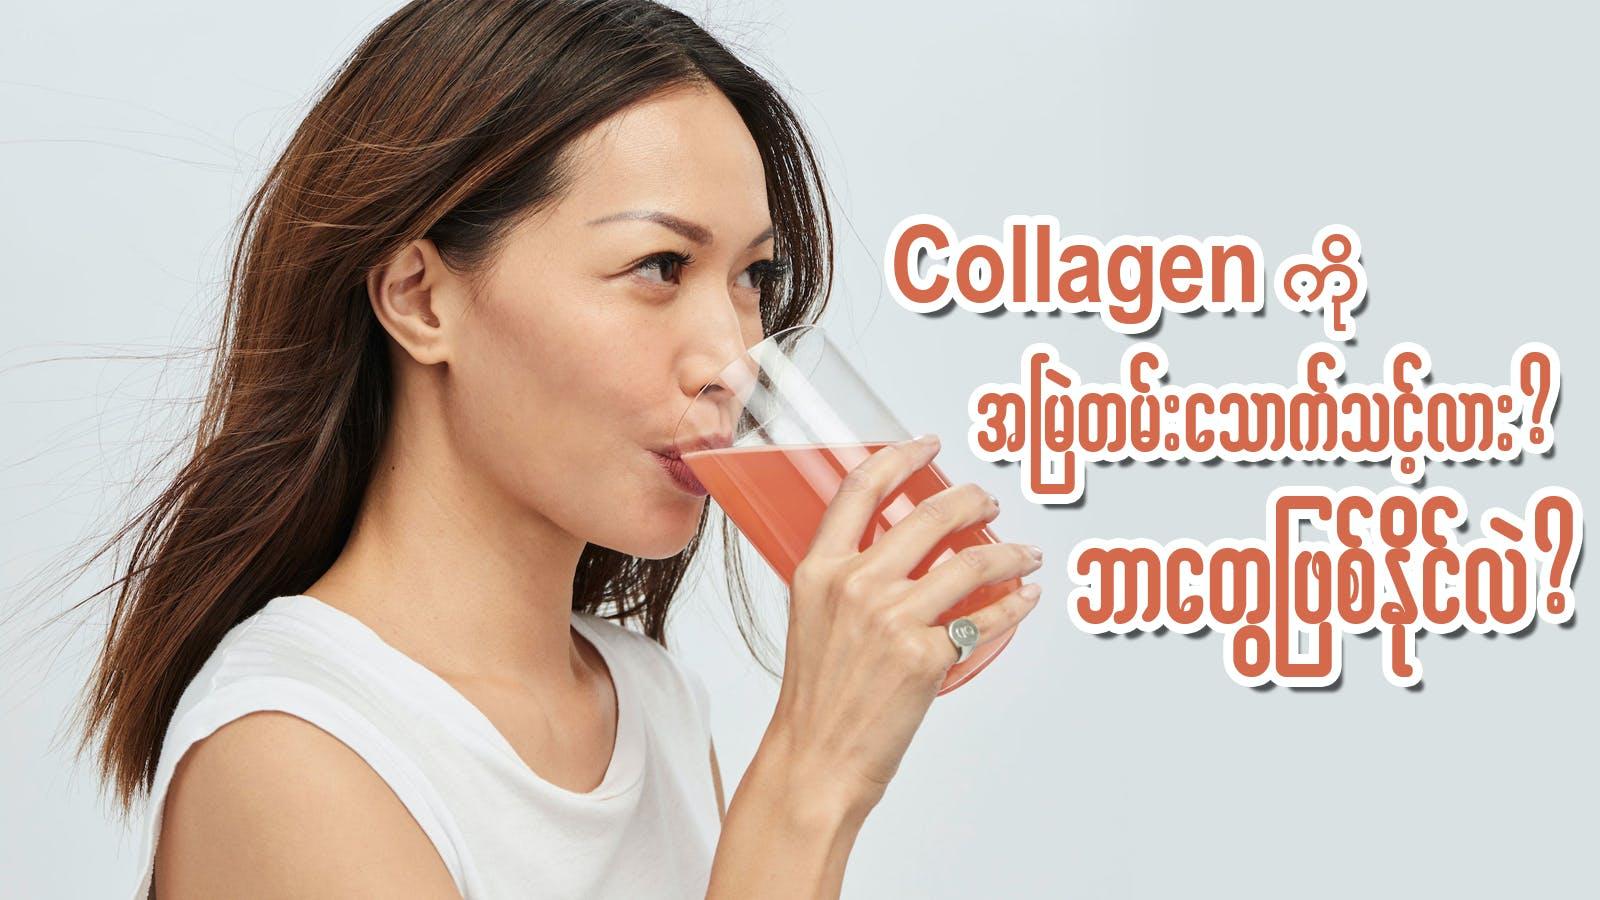 သင်က collagen အမြဲသောက်နေတဲ့သူလား